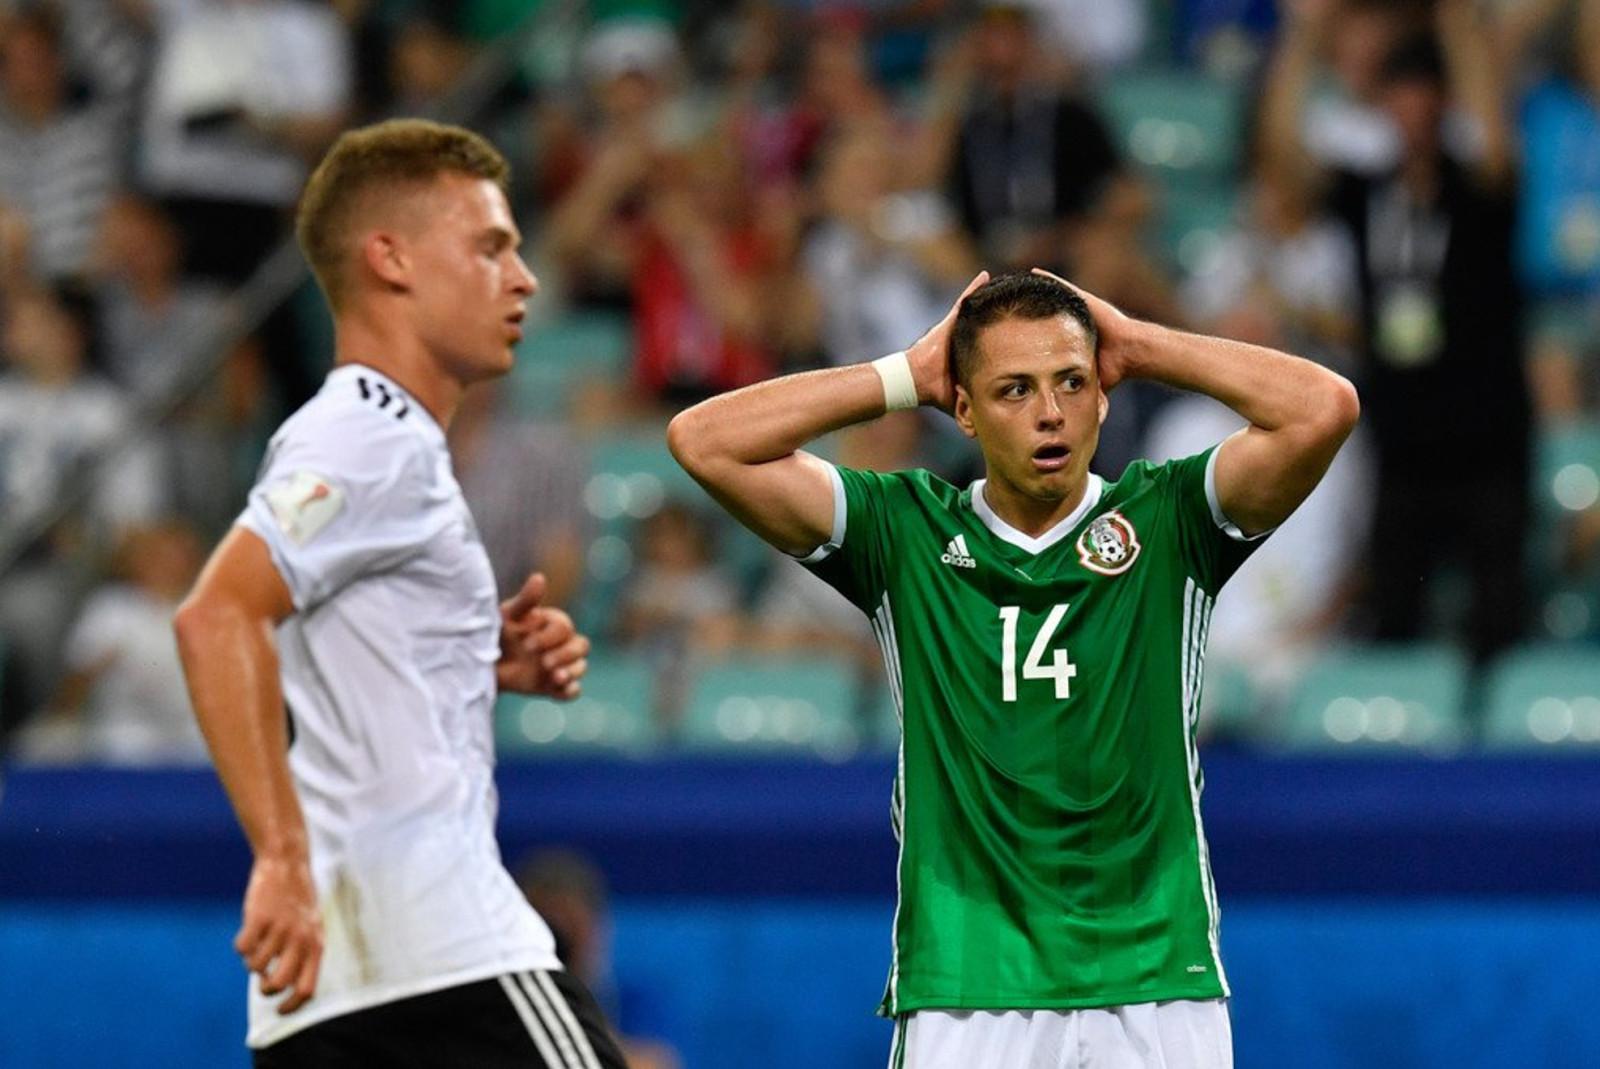 ALEMANIA PASA A LA FINAL DE LA CONCACAF AL ELIMINAR A MÉXICO